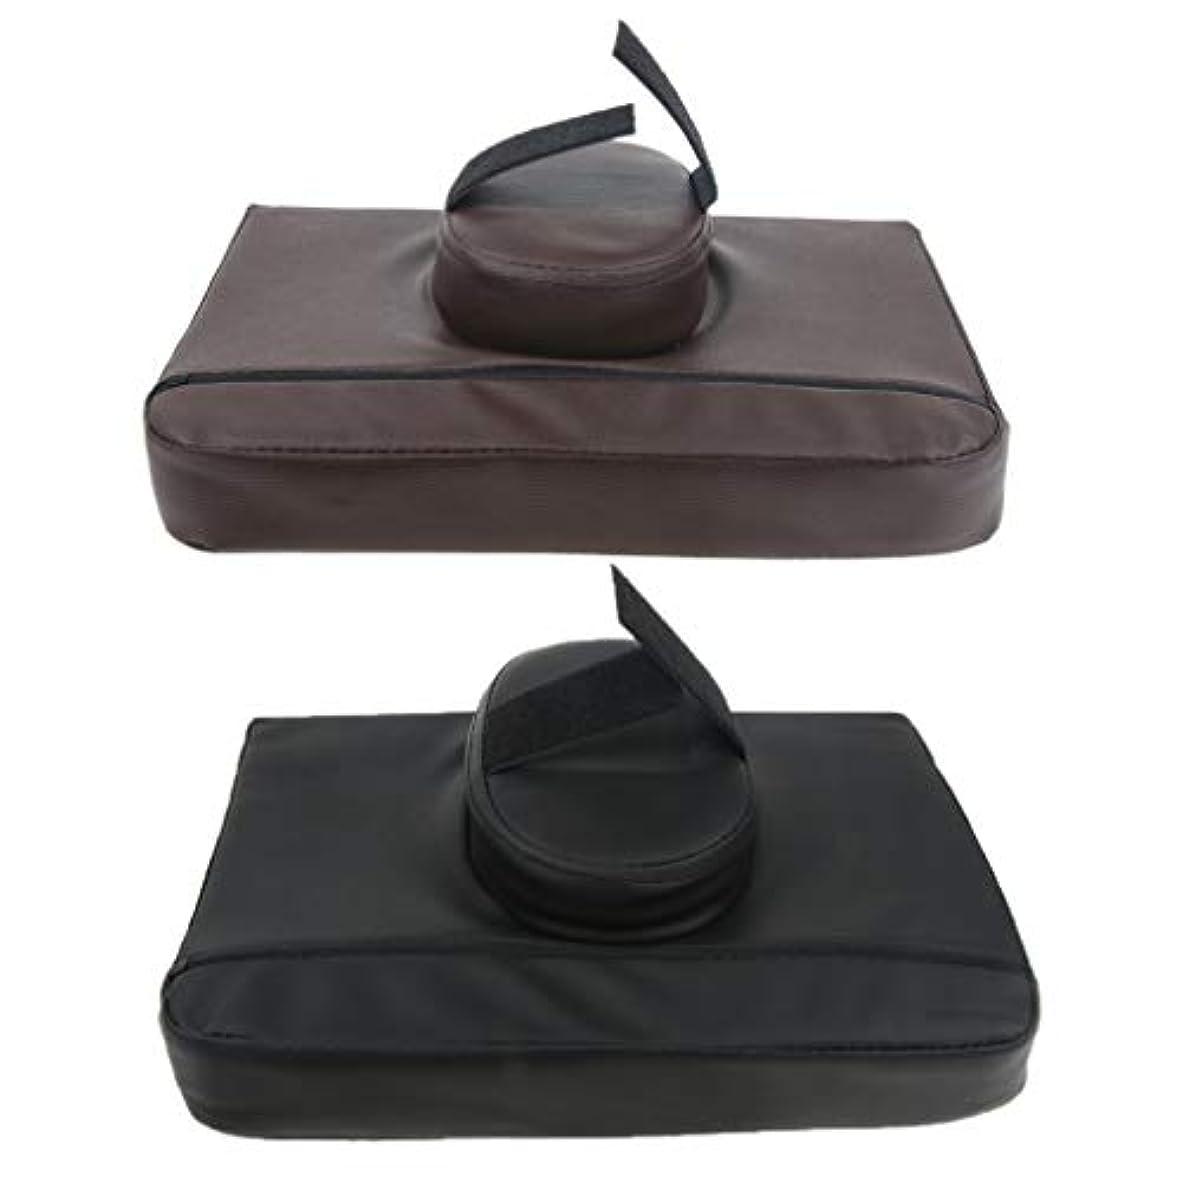 ハンバーガーロゴ流行マッサージ枕 マッサージピロー クッション スクエア マッサージテーブル用 ソフト 快適 2ピース